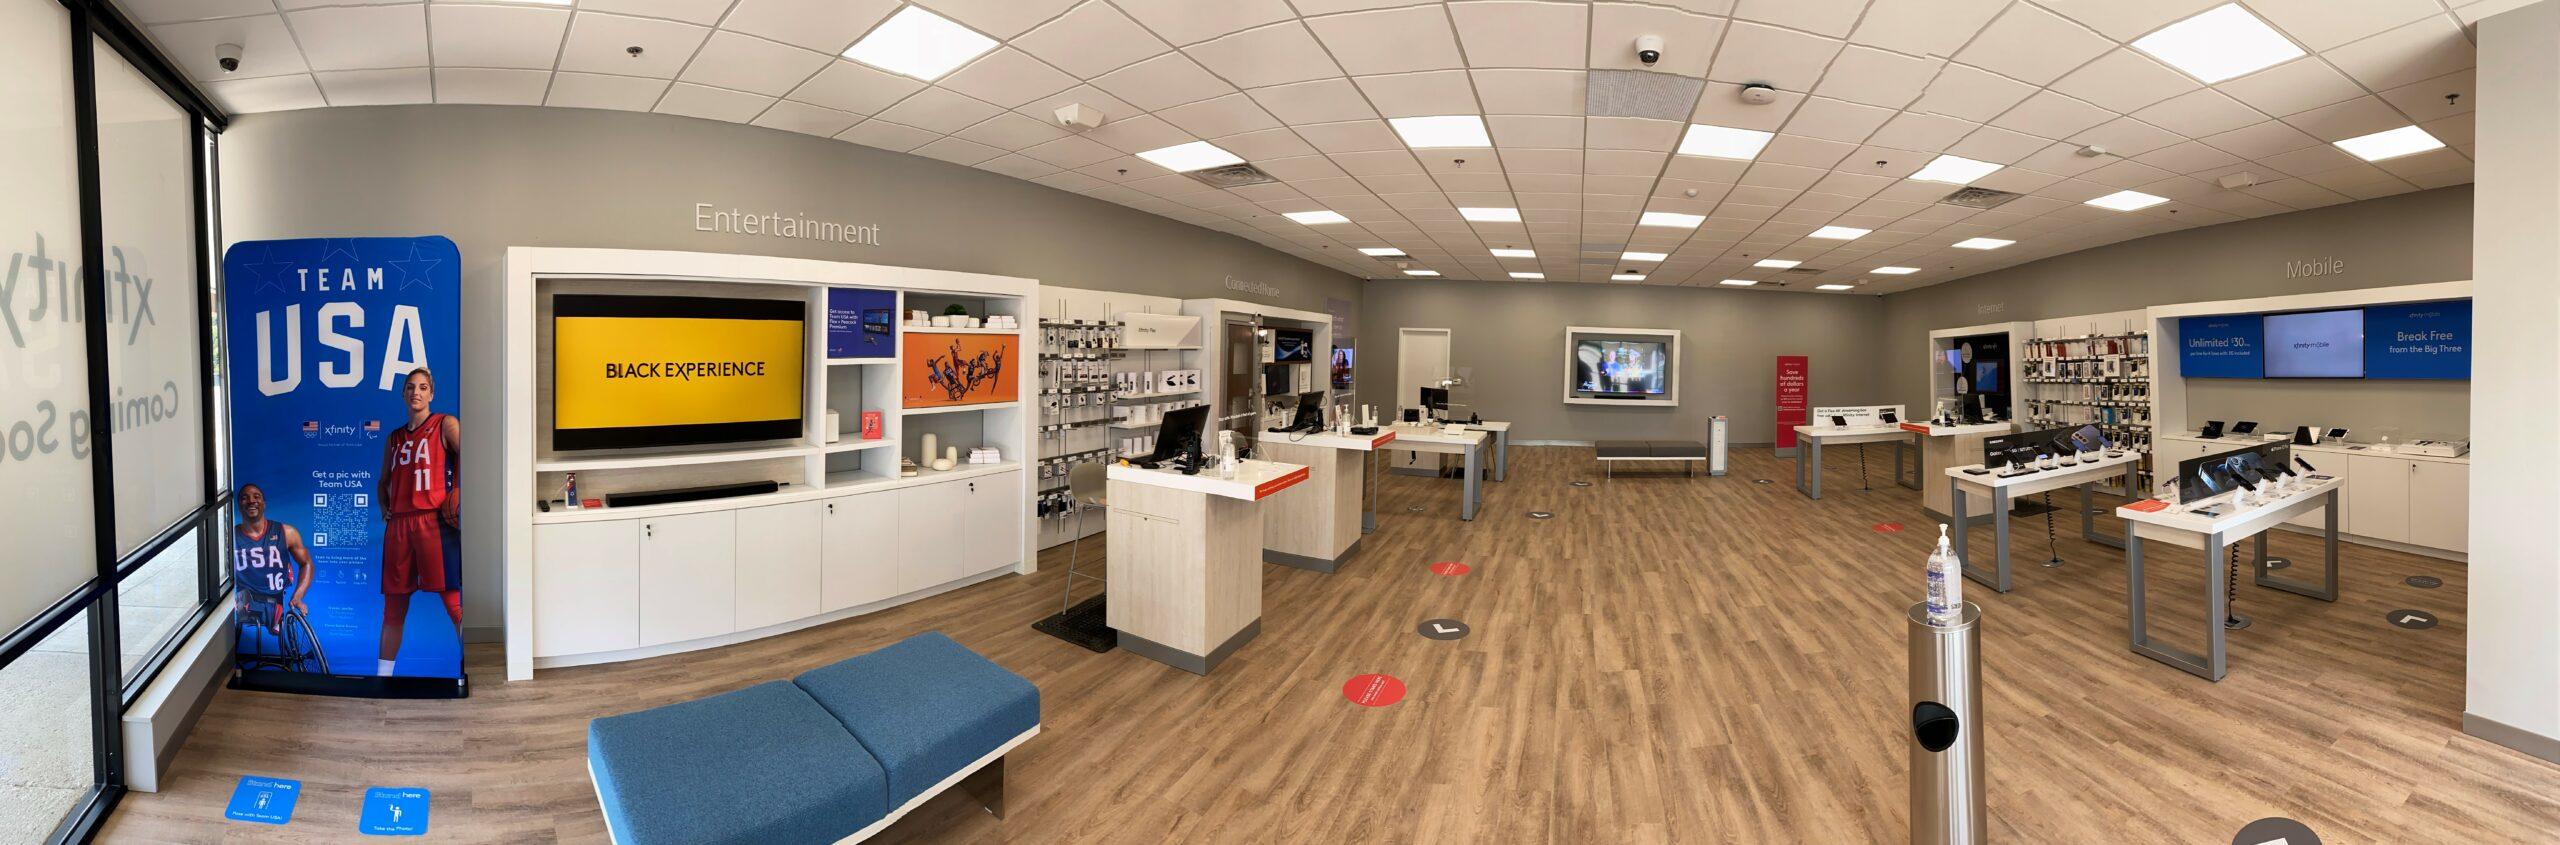 Indiana Xfinity Store